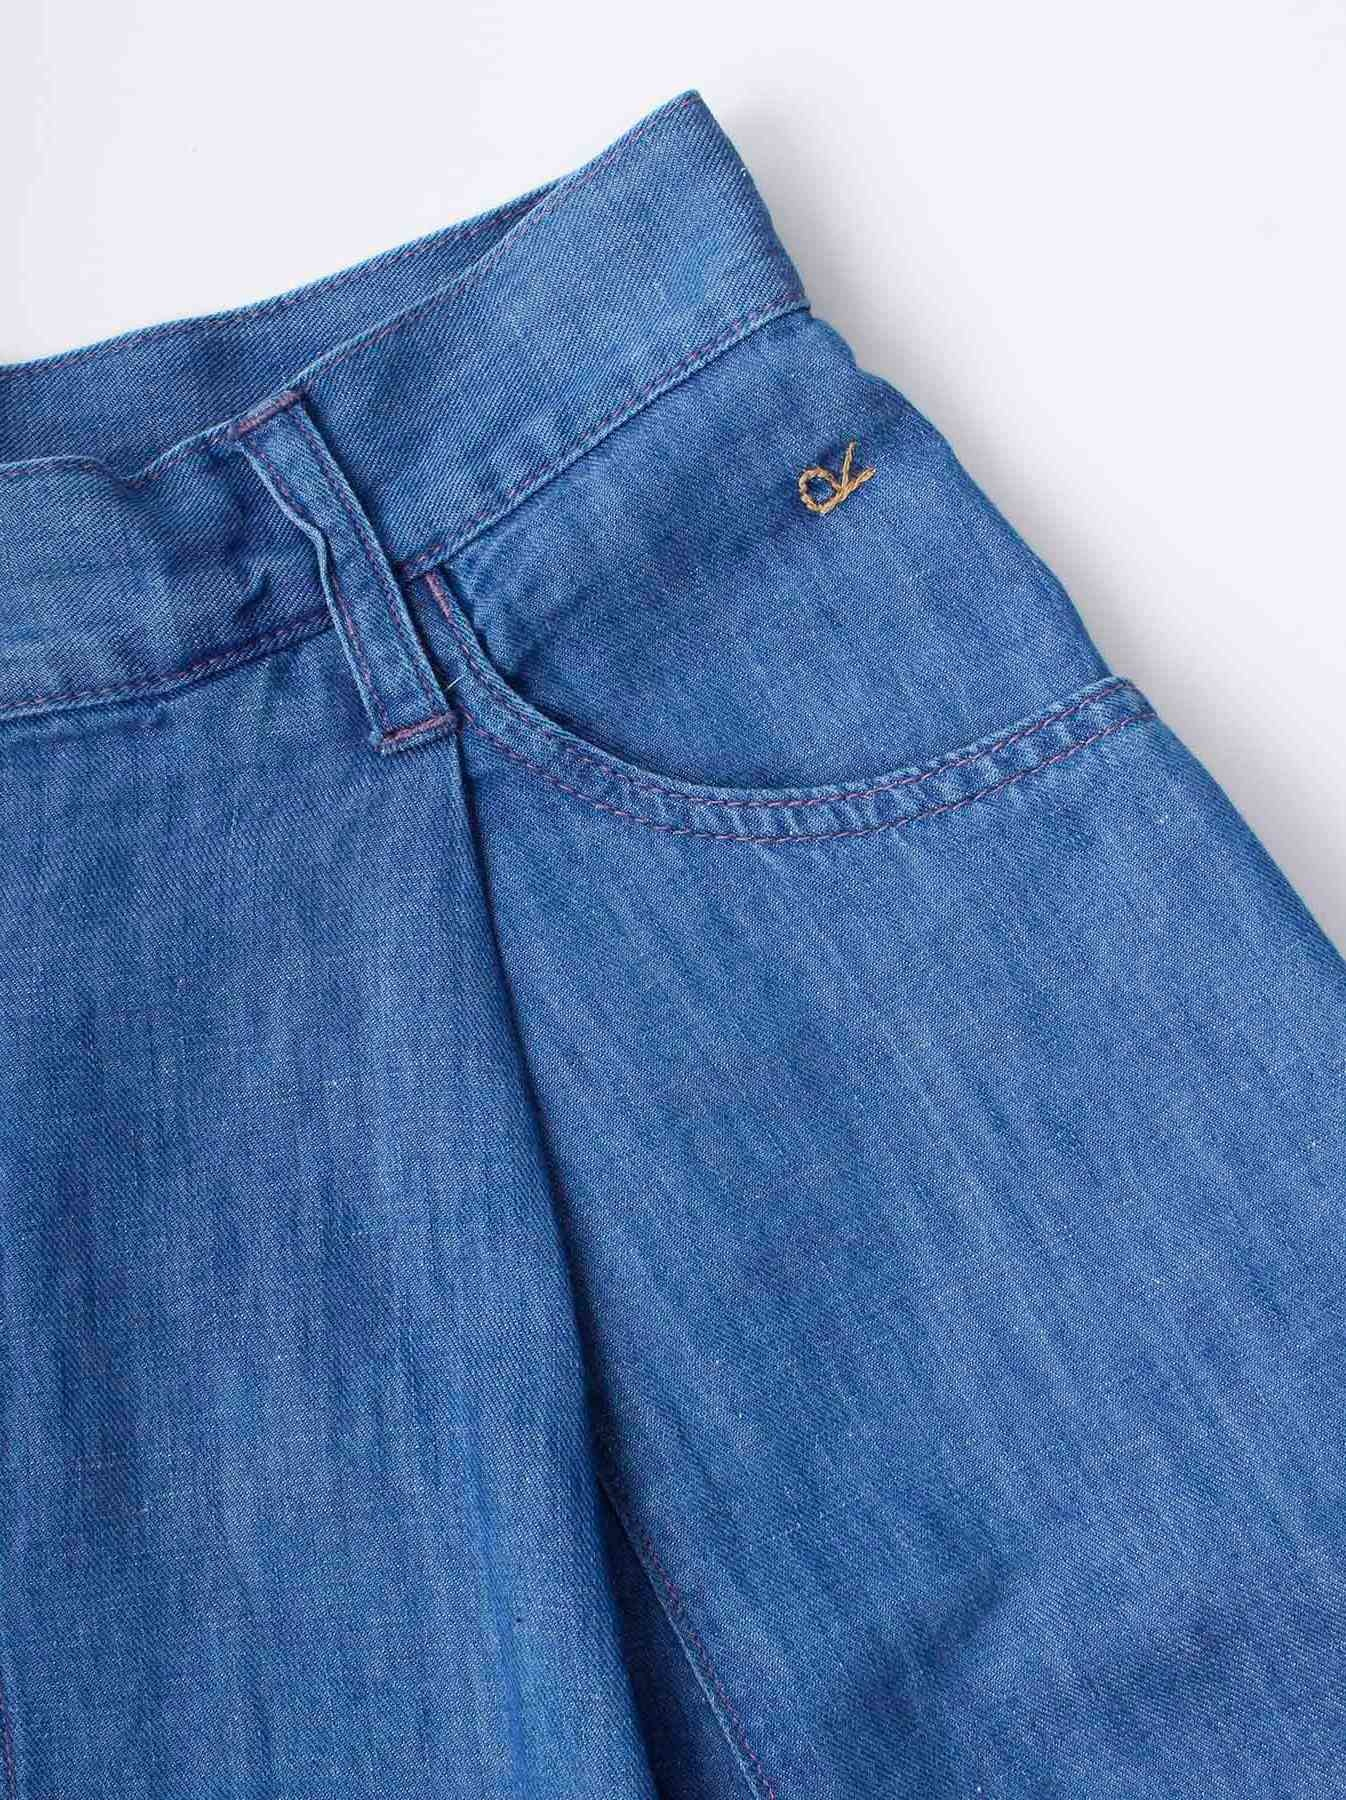 WH Cotton Linen Mon-petit Skirt-6